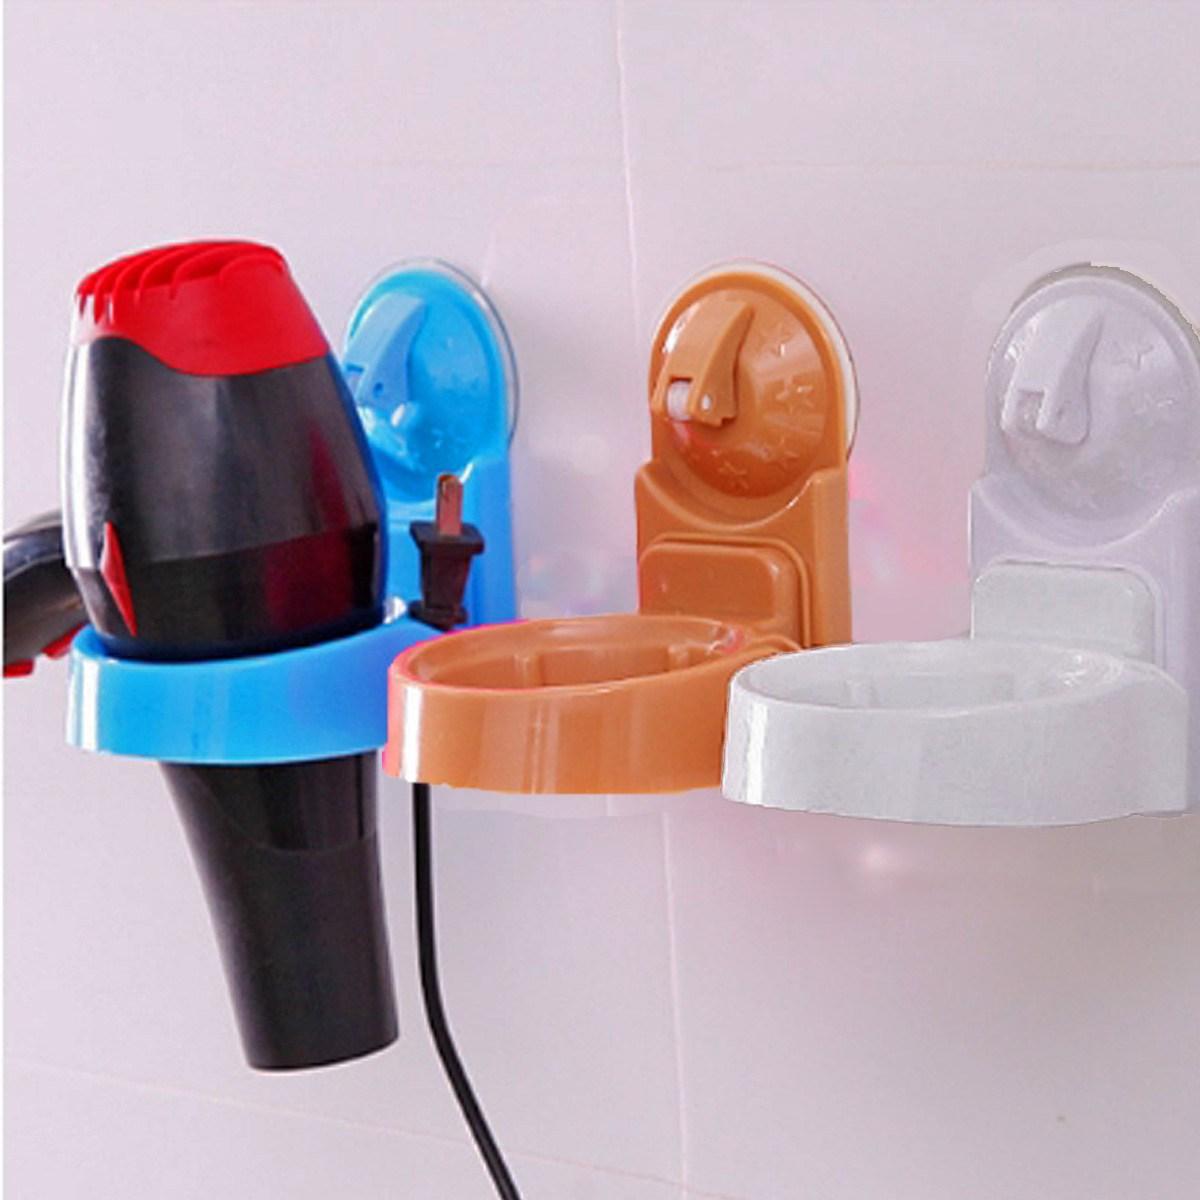 Accesorio Baño Antiguo:Compra organizador de accesorios del pelo online al por mayor de China